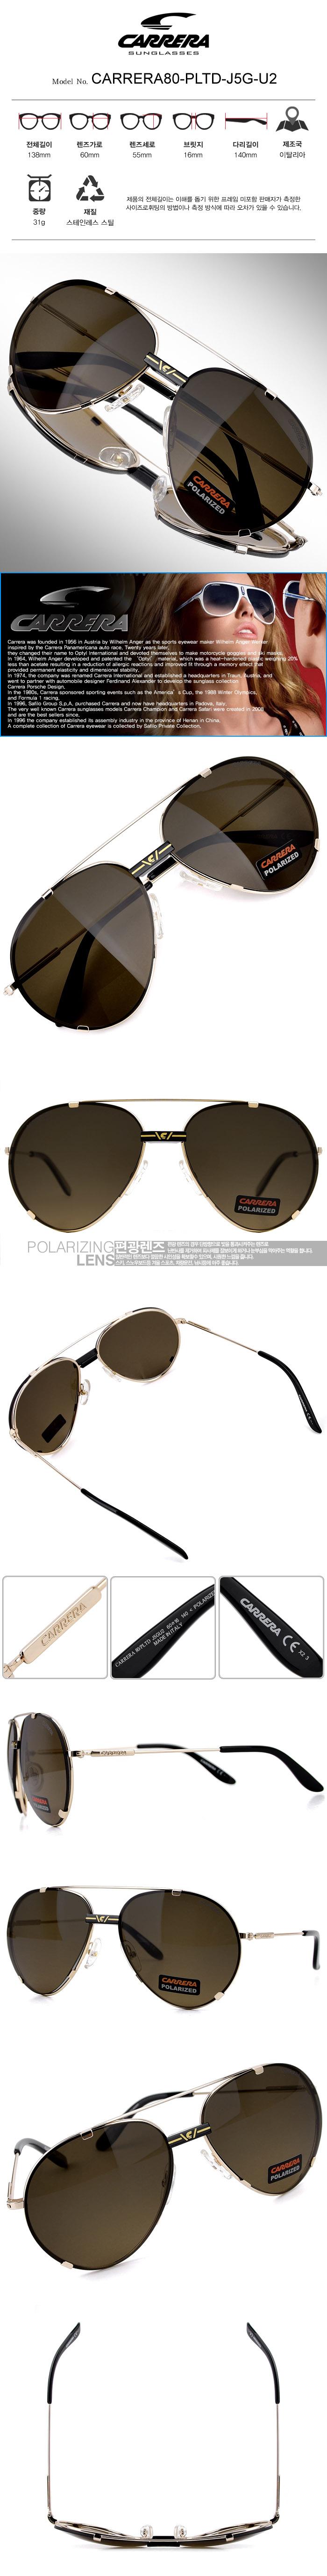 까레라 명품 선글라스 CARRERA80 3종(택1)